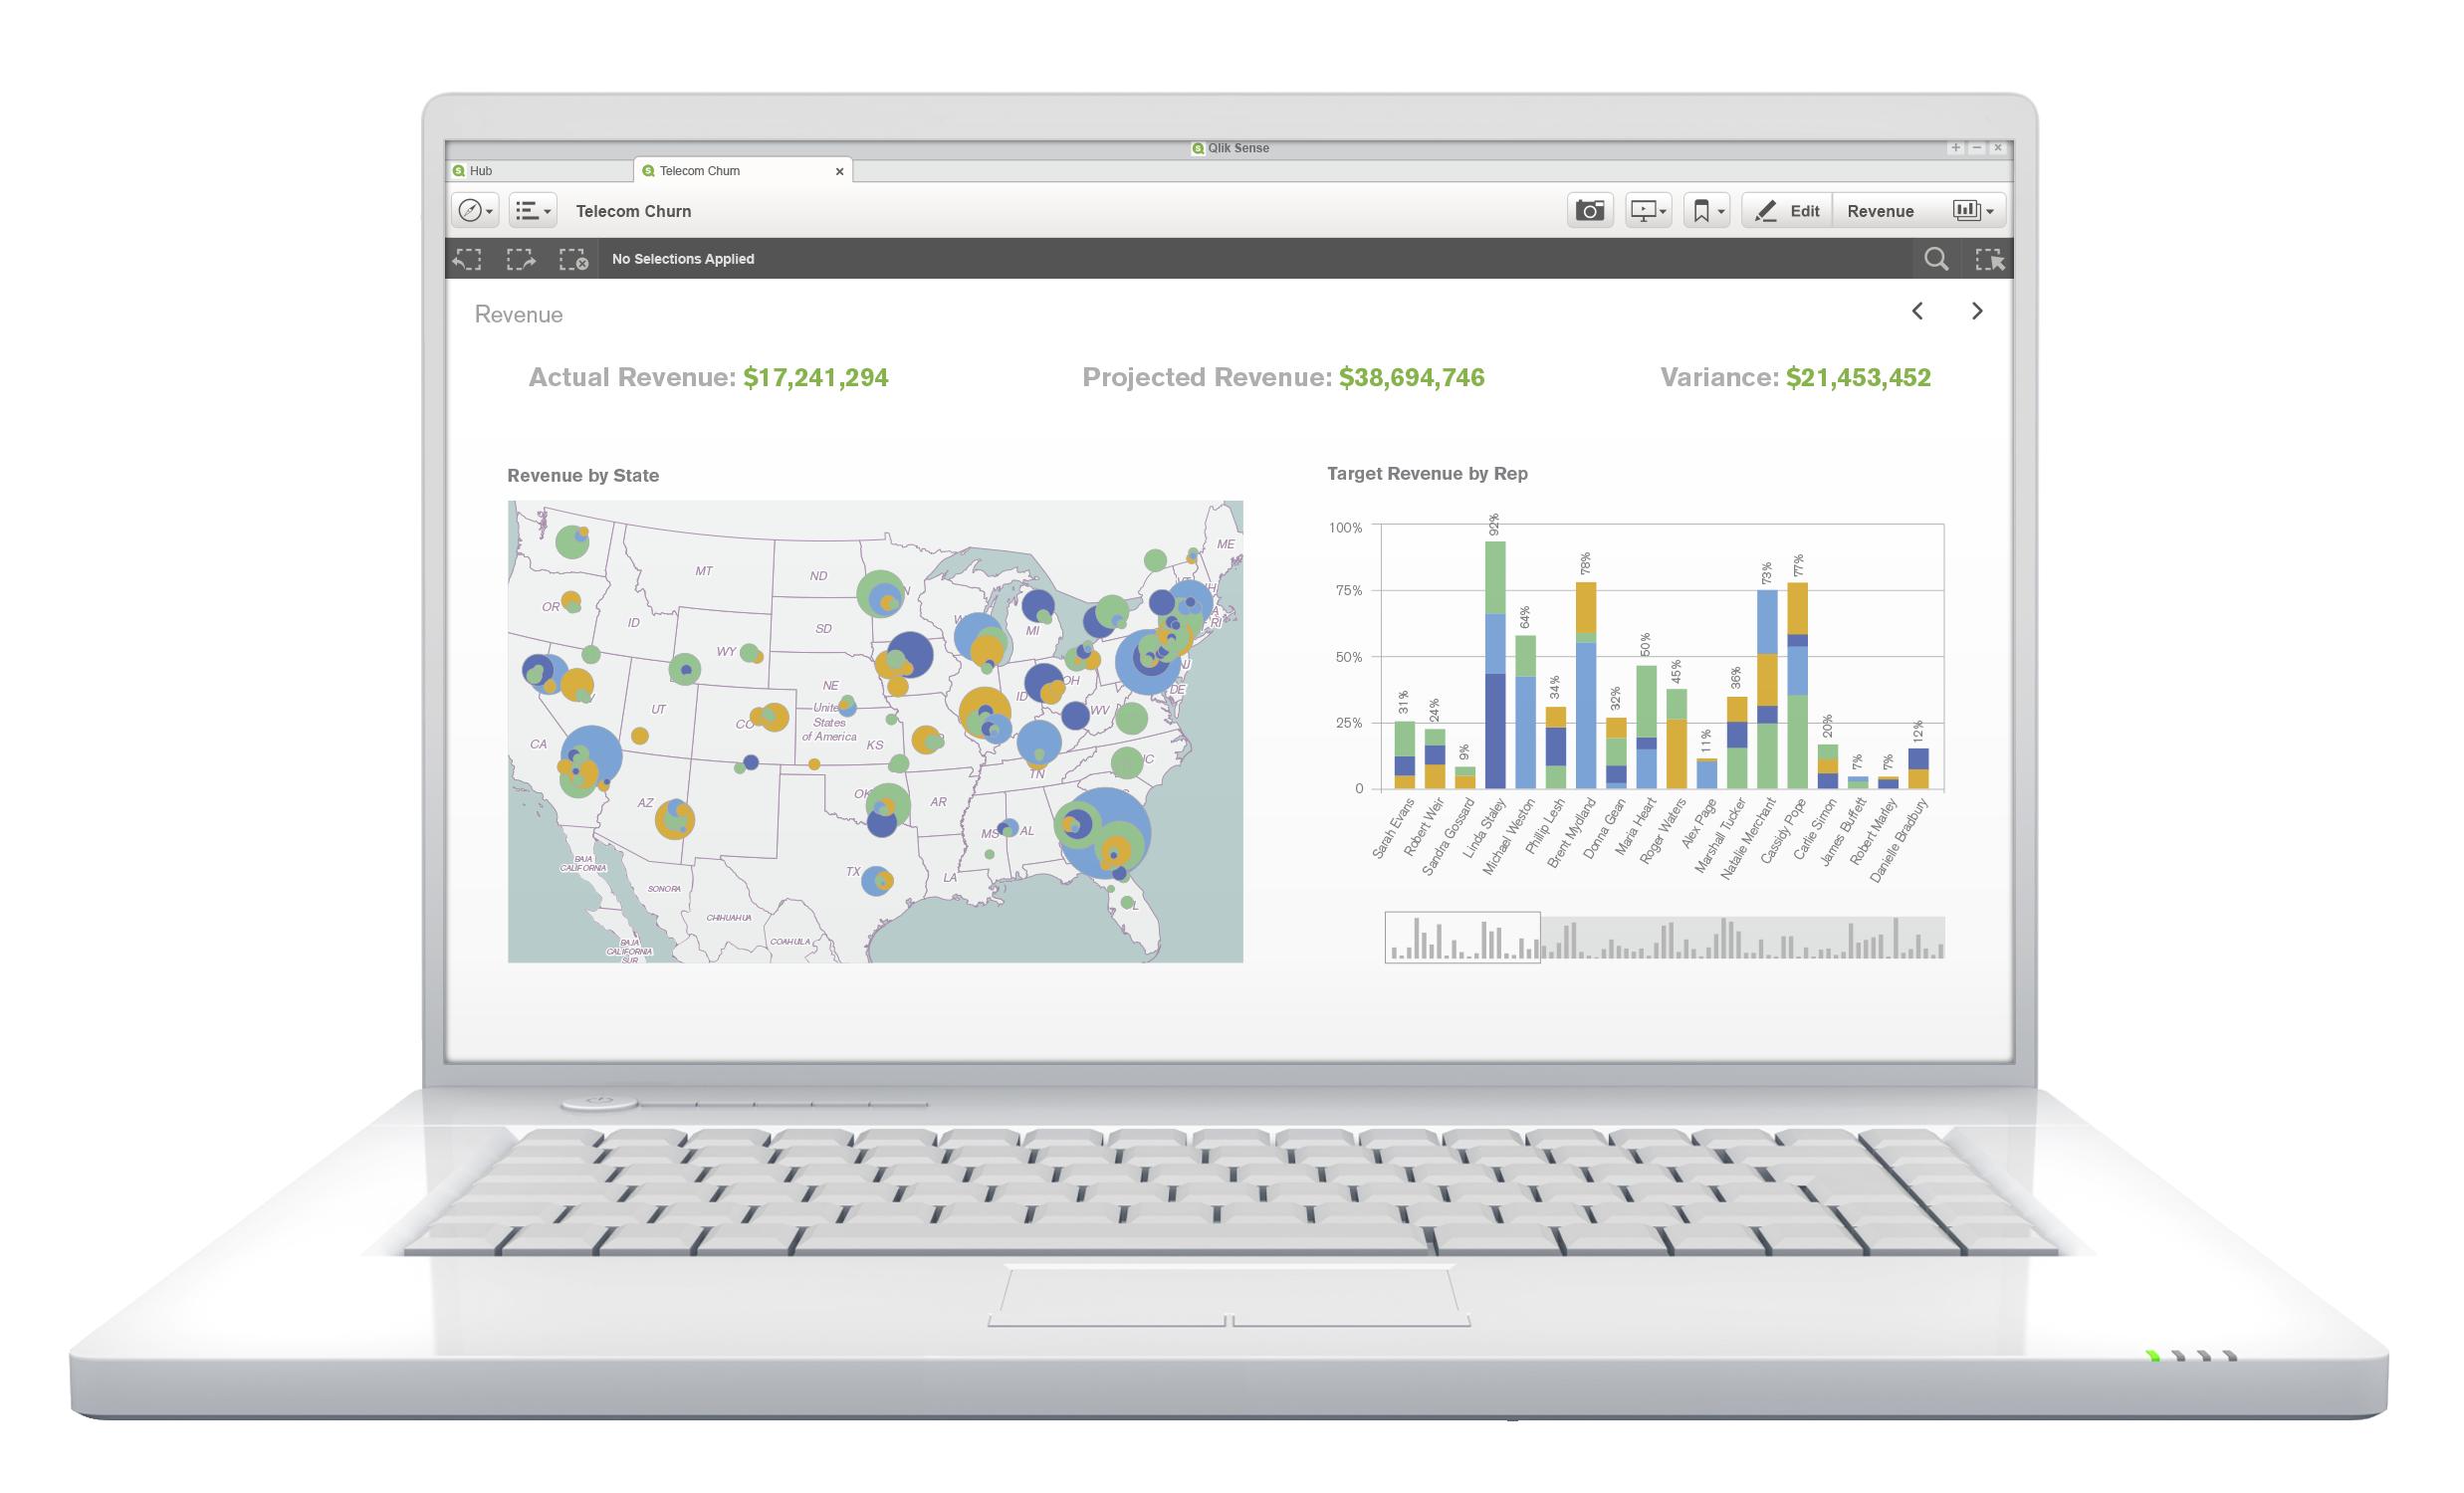 SenseGA Laptop 02 TelcomChurn 02 - GDPR: 7 oblastí ochrany dát, kde vieme účinne pomôcť